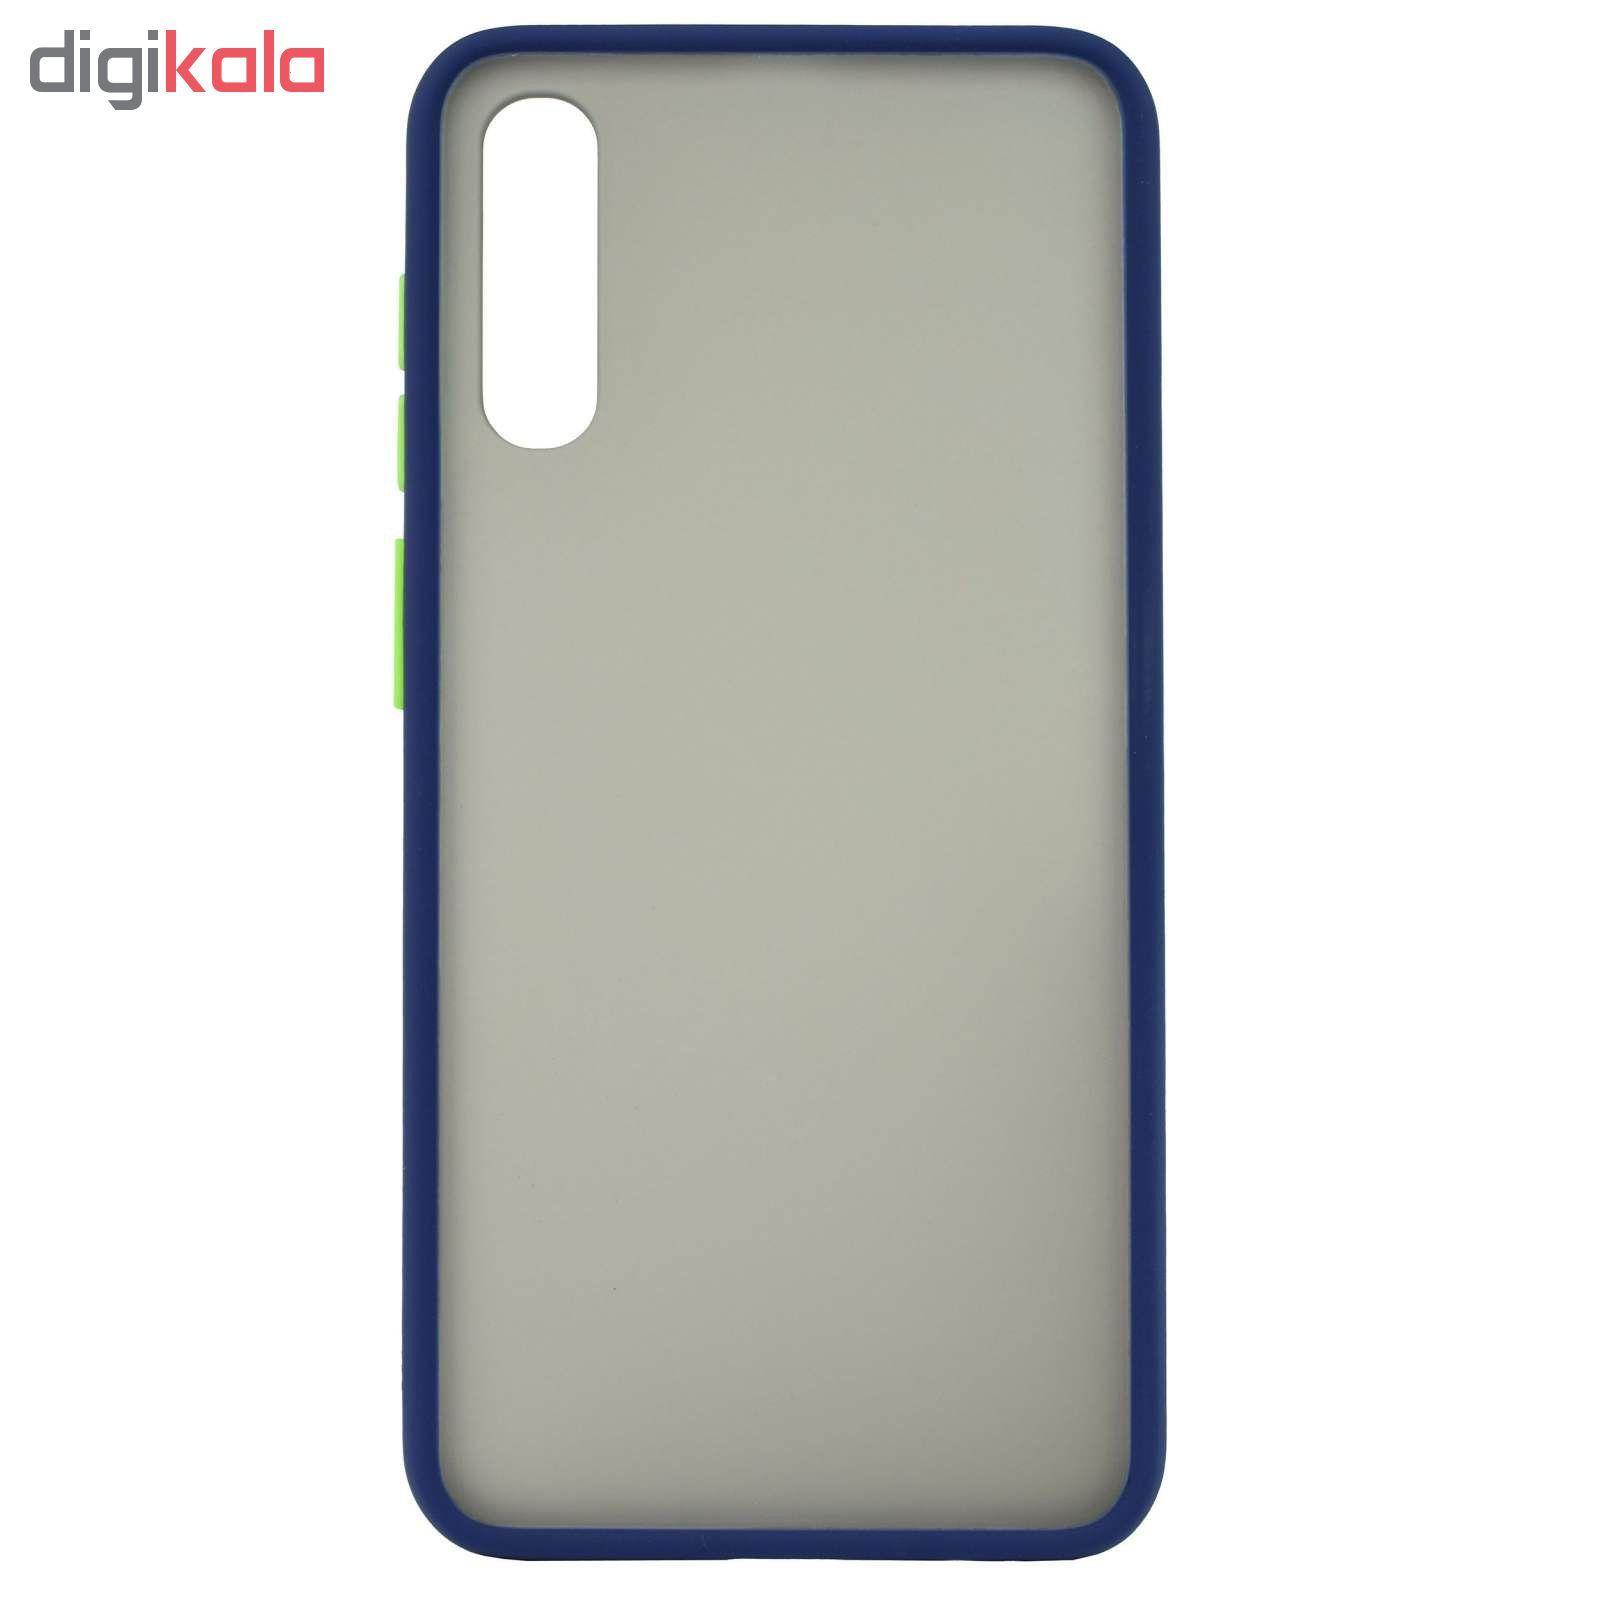 کاور مدل Sb-001 مناسب برای گوشی موبایل سامسونگ Galaxy A50/A30s/A50s main 1 6